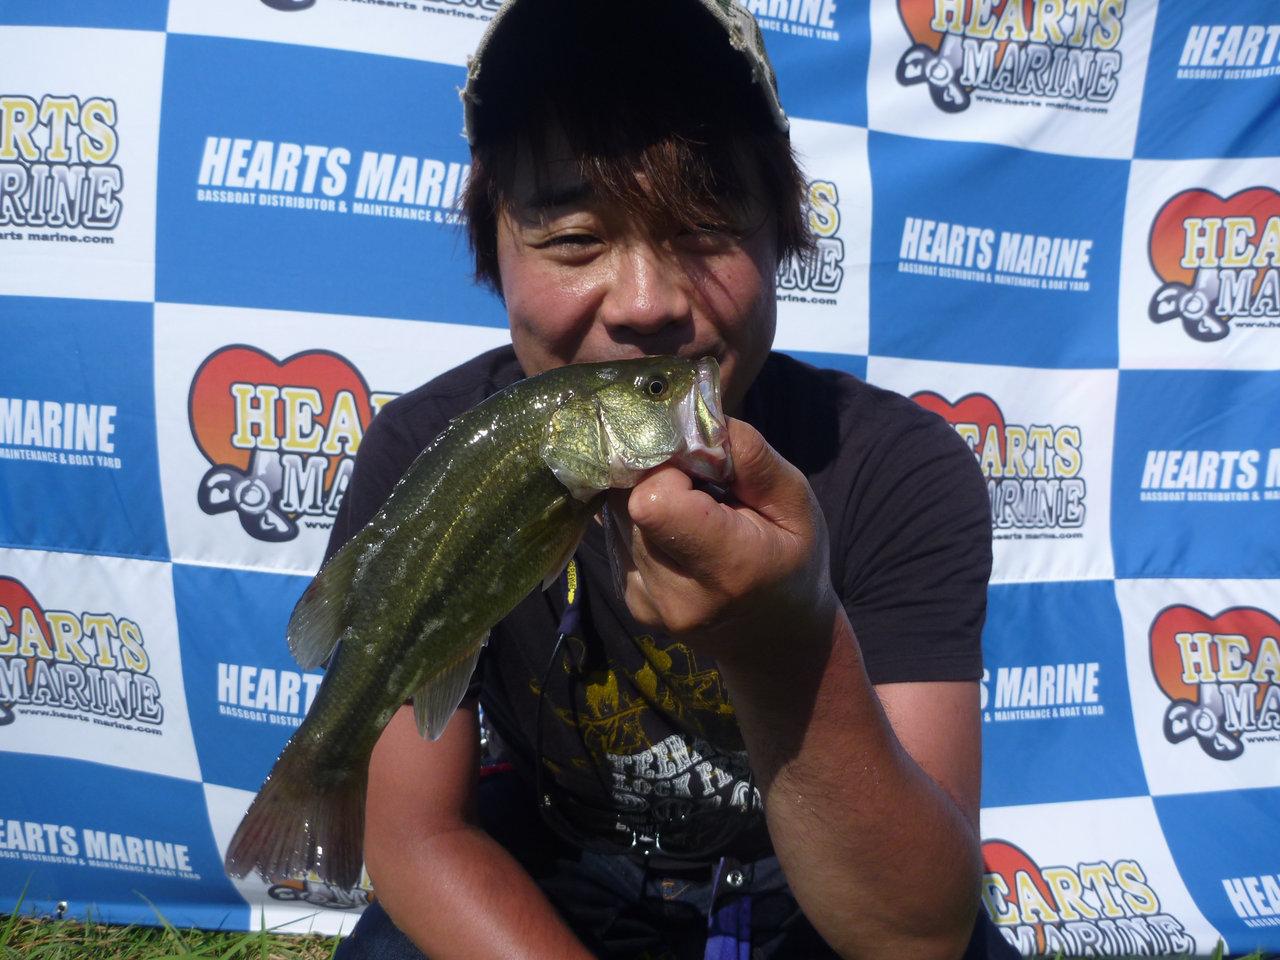 http://www.heartsmarine.com/images/89578343_org.jpg